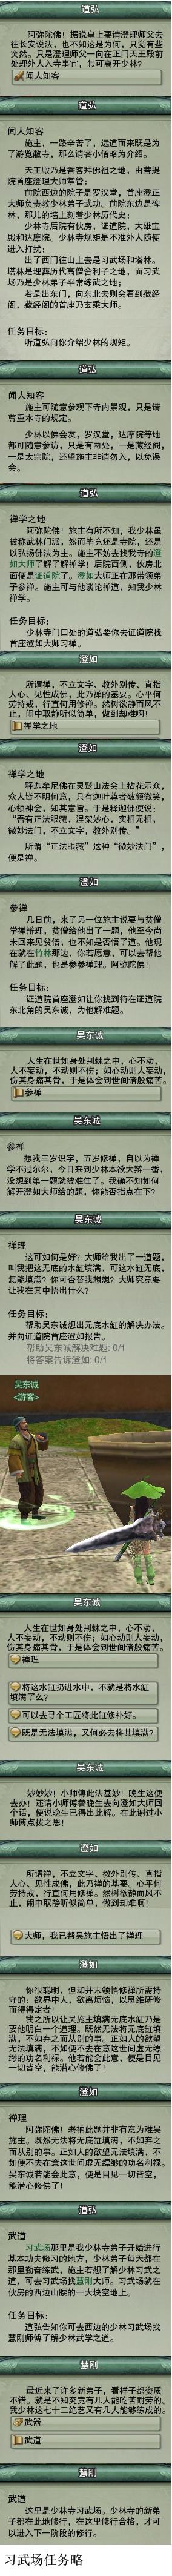 非少林弟子任务01 - 拜山 + 参禅 (习武场任务略).jpg